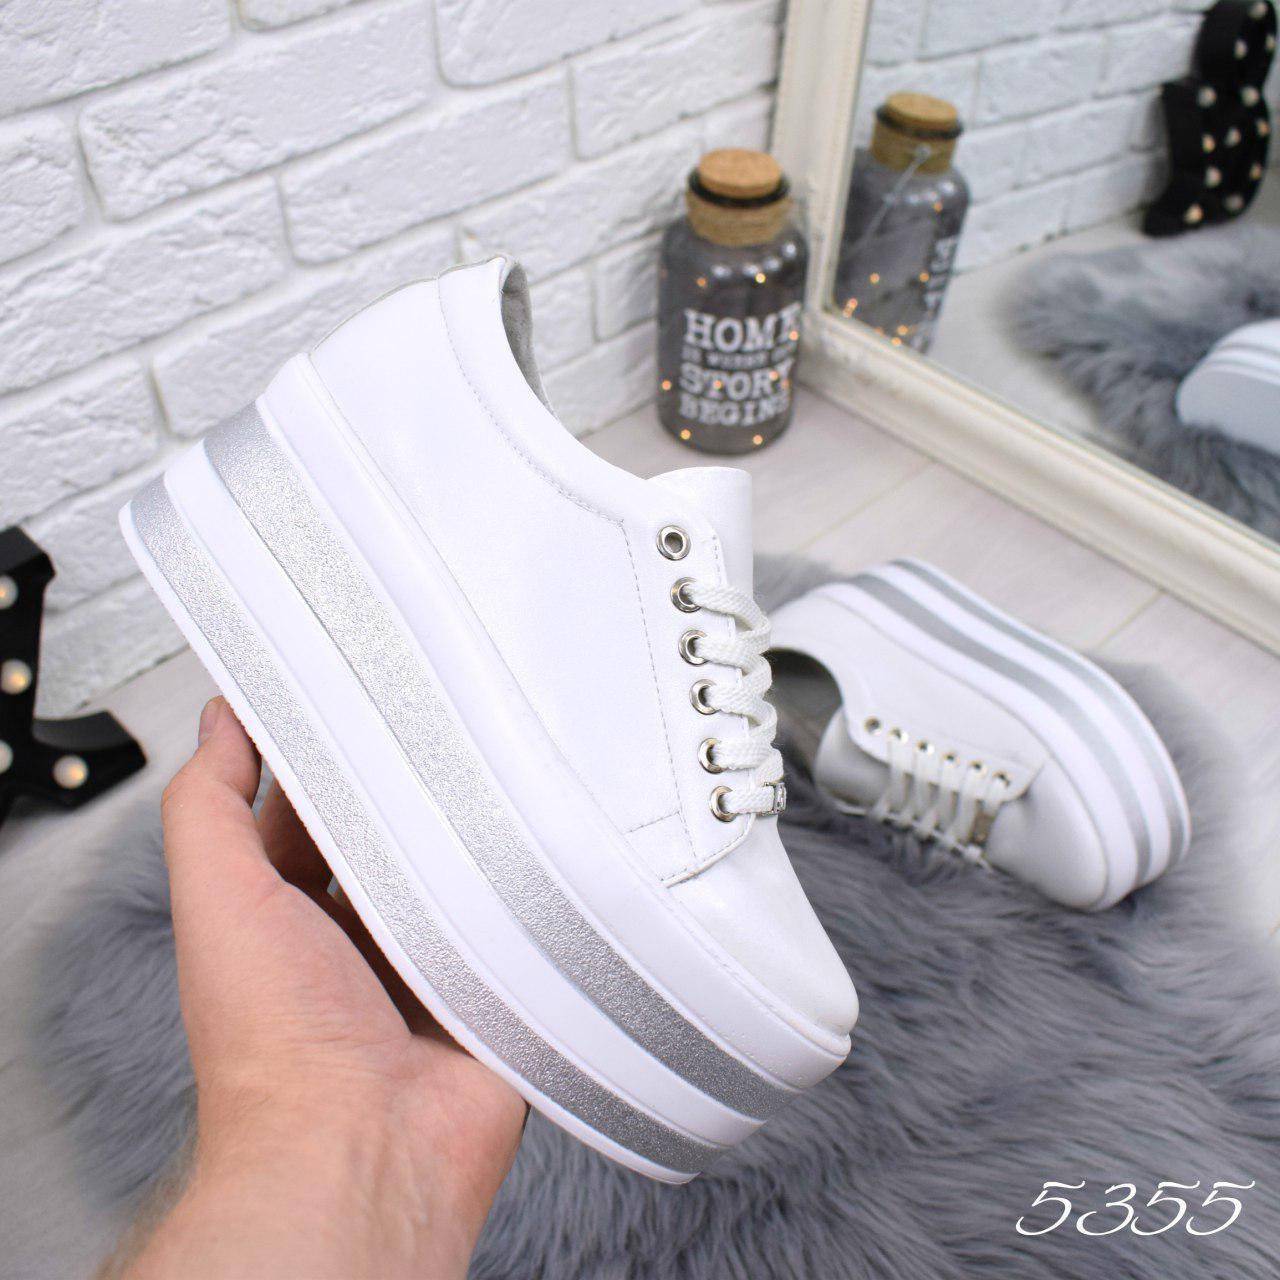 """Туфли женские на платформе белые """"Why Not"""" НАТУРАЛЬНАЯ КОЖА, повседневная, удобная обувь"""